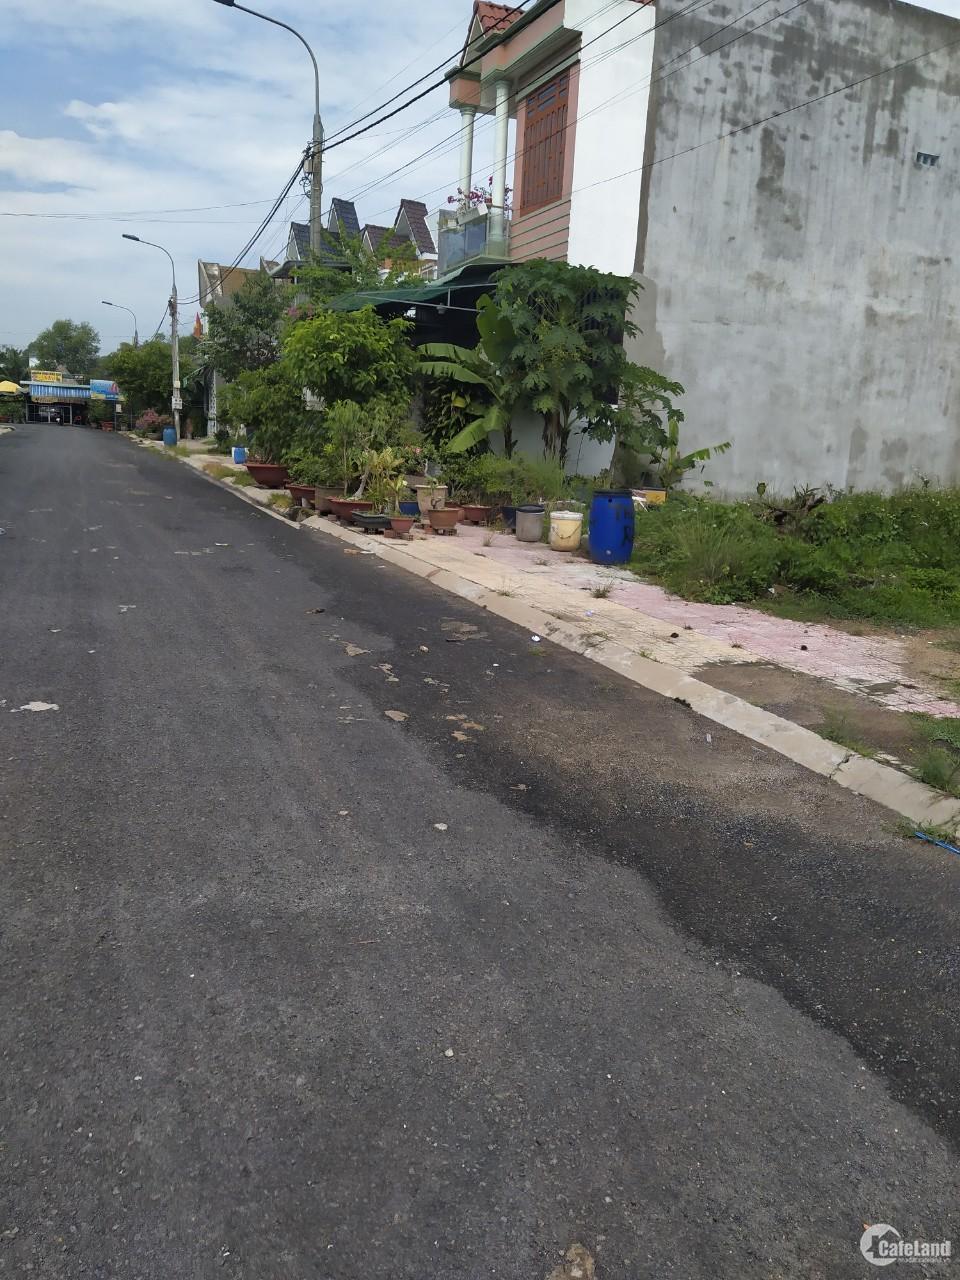 Bán đất thổ cư gần KDL Bửu Long mặt tiền đường DT 768 thuộc Biên Hòa